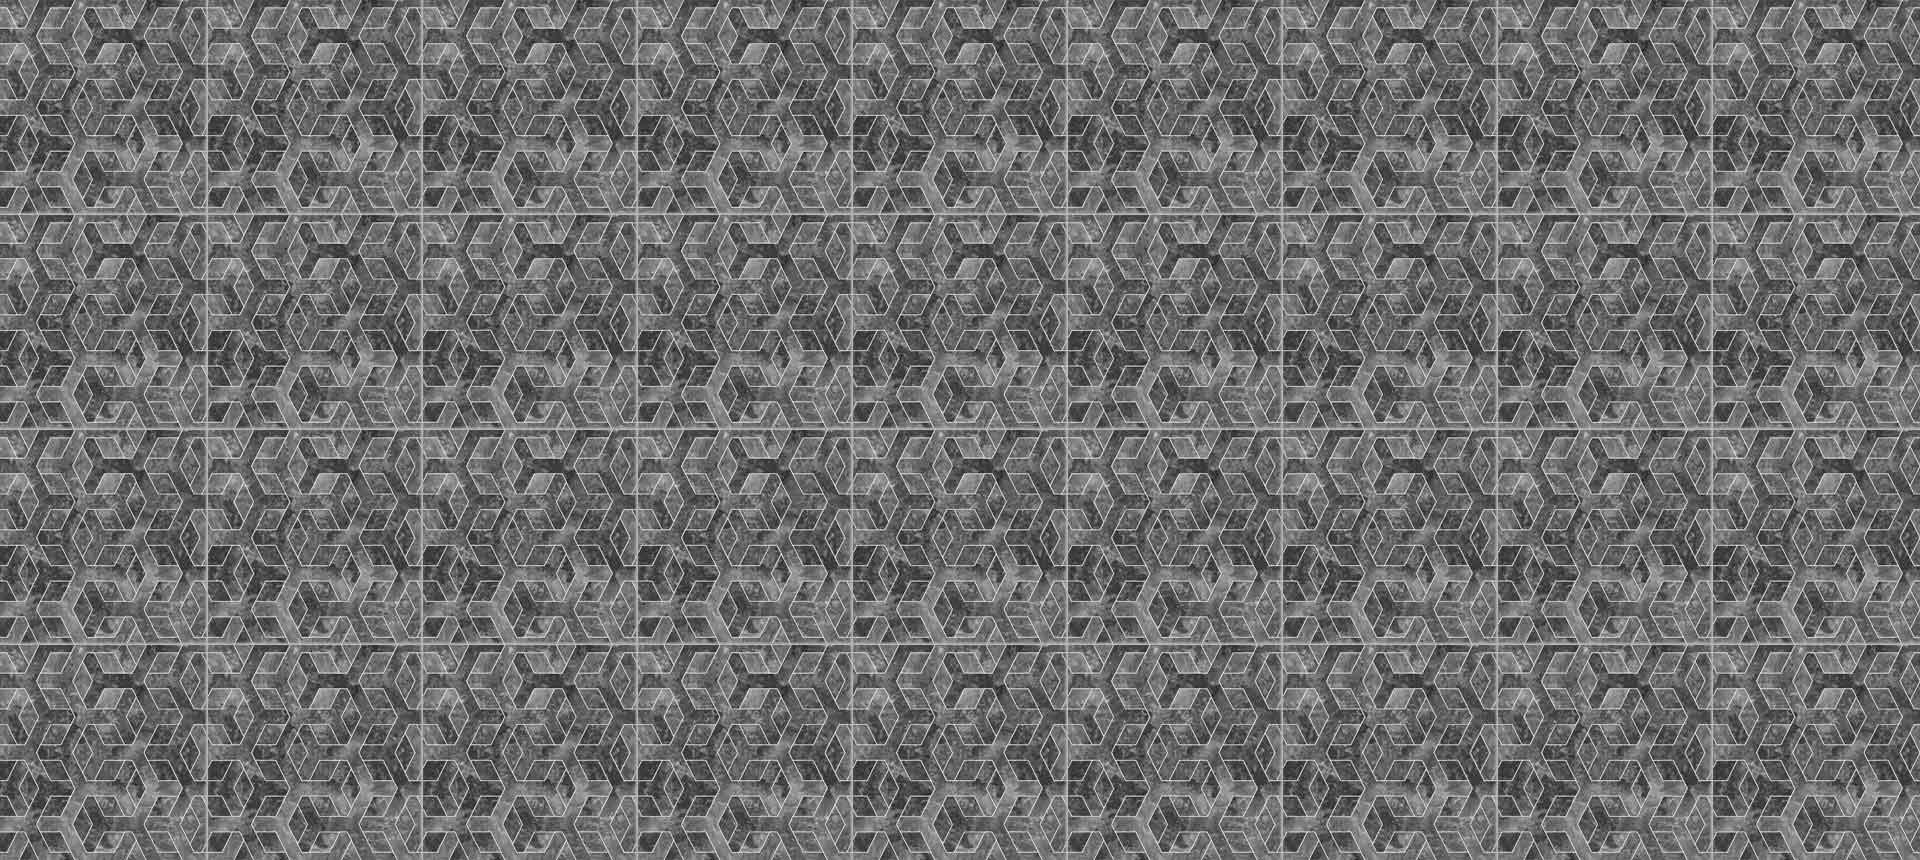 RP1067 Nero Hexagon